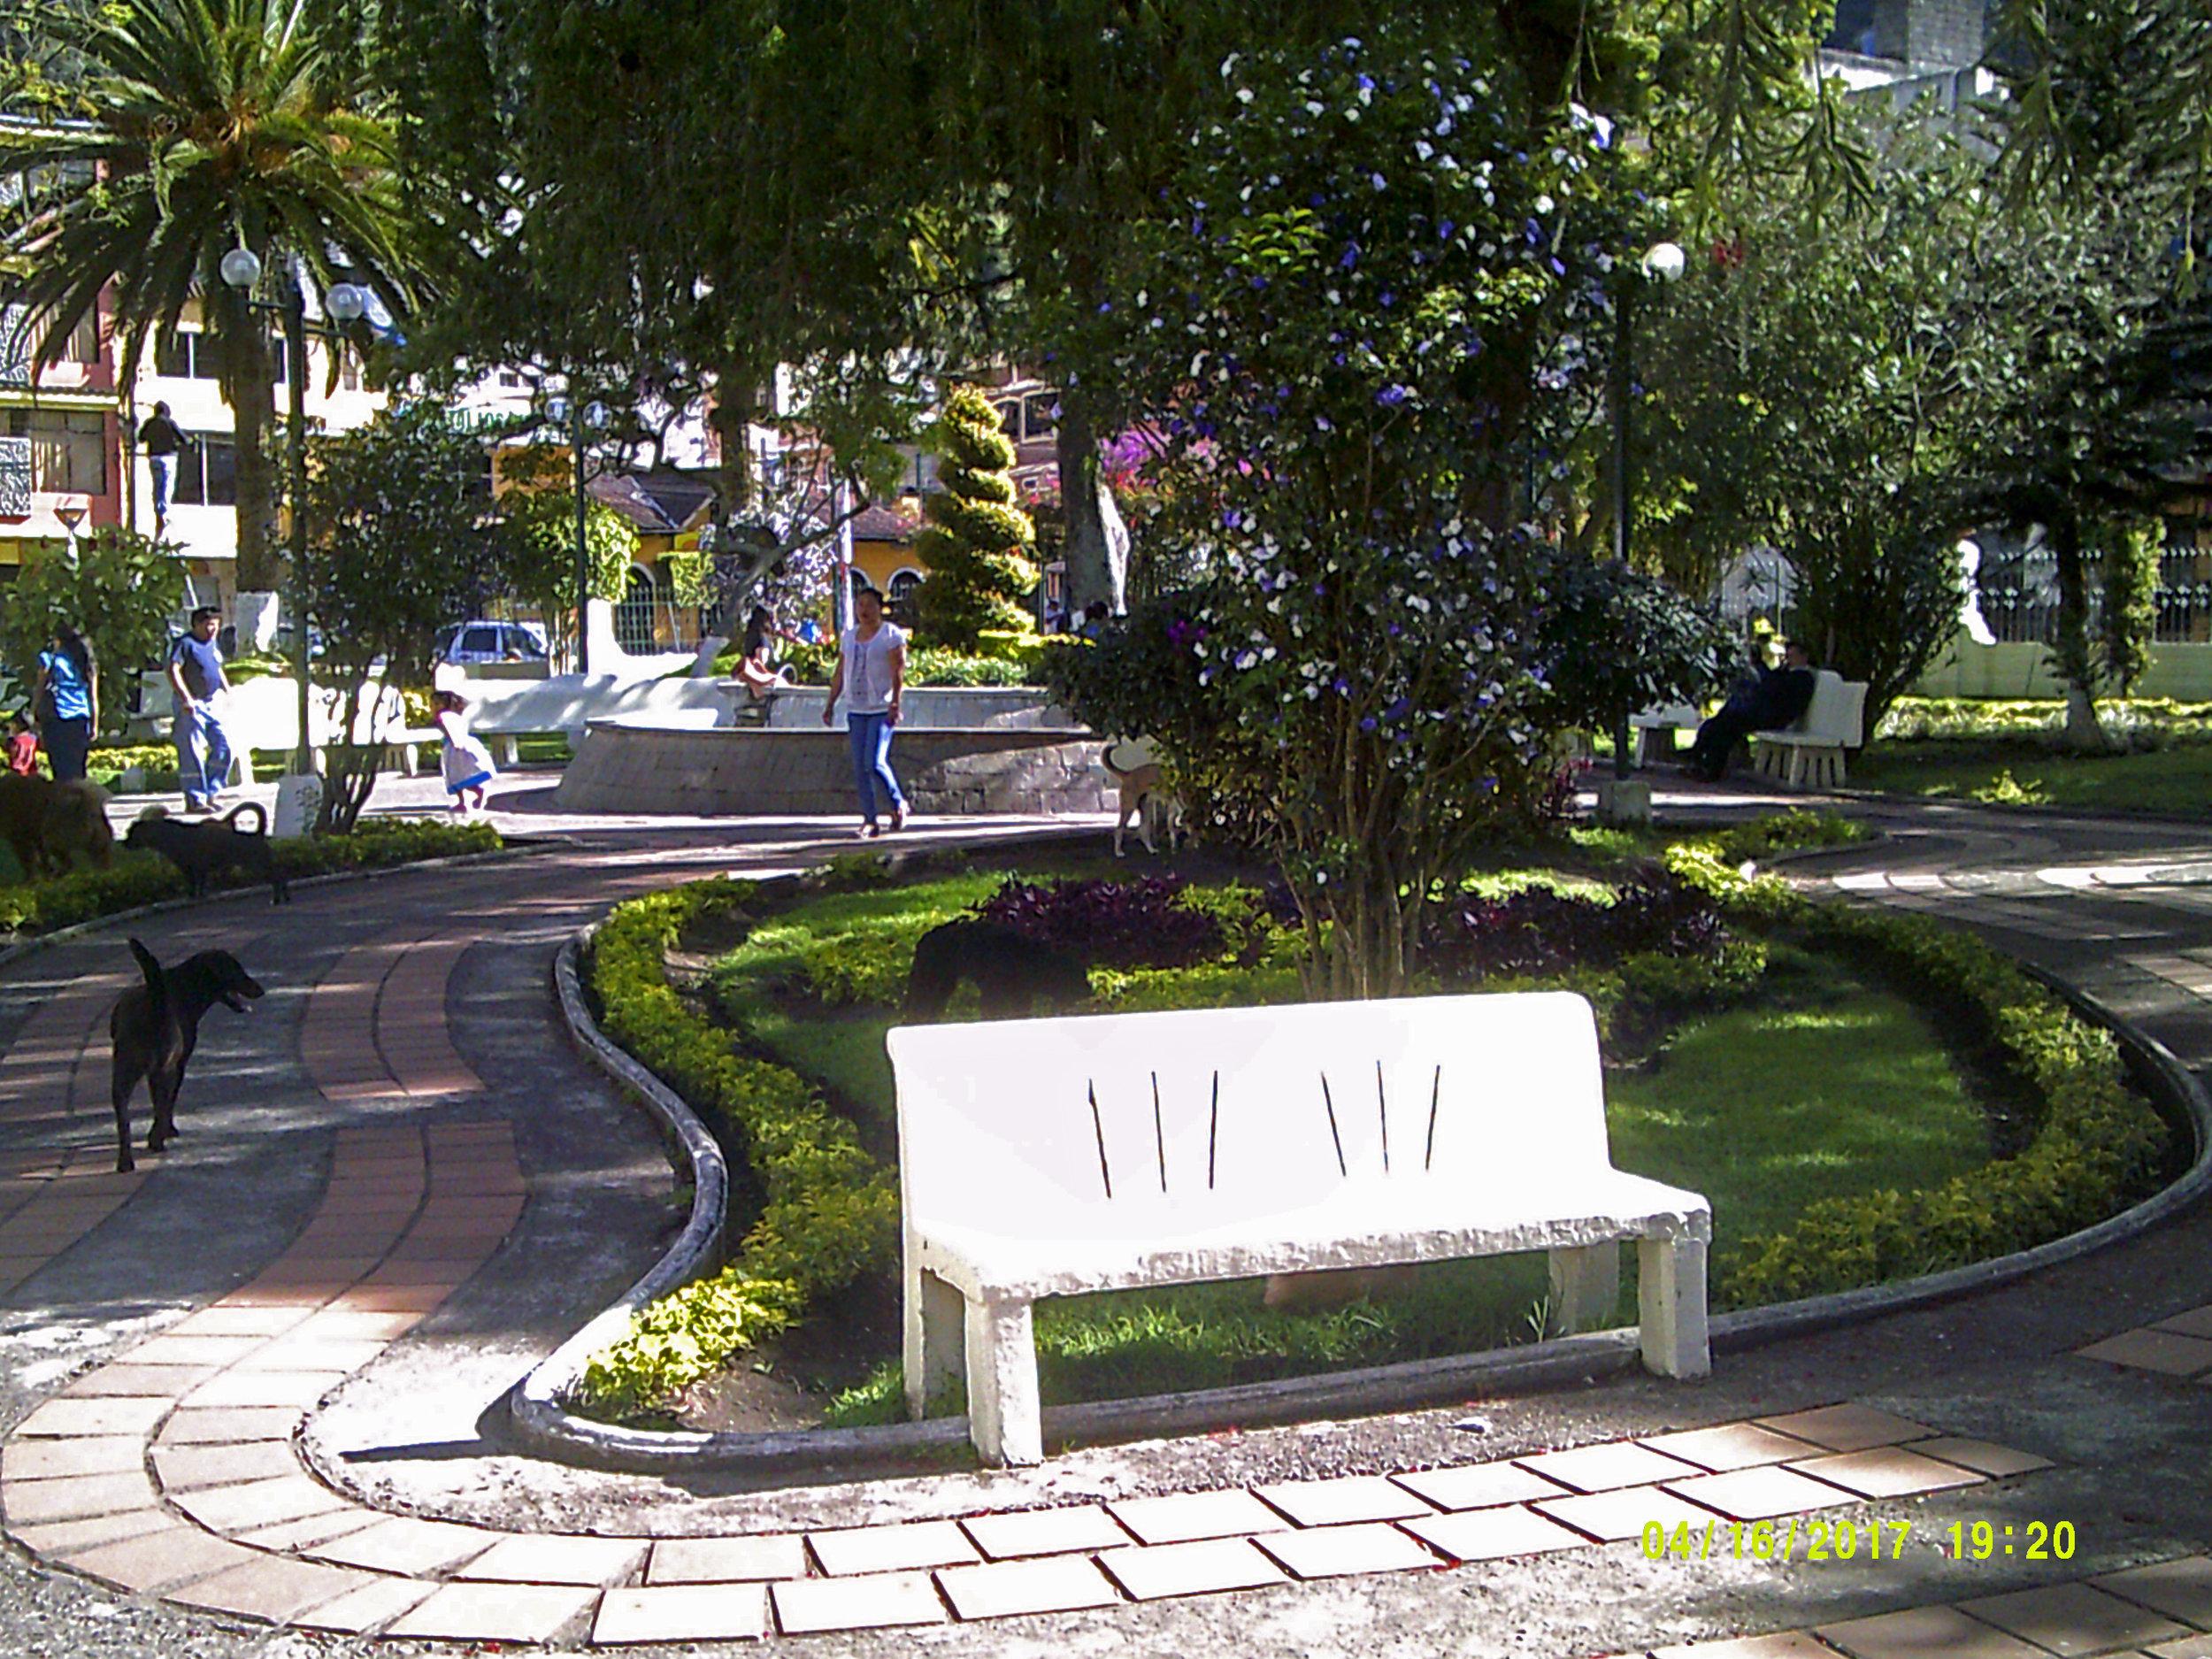 Banos parque.jpg